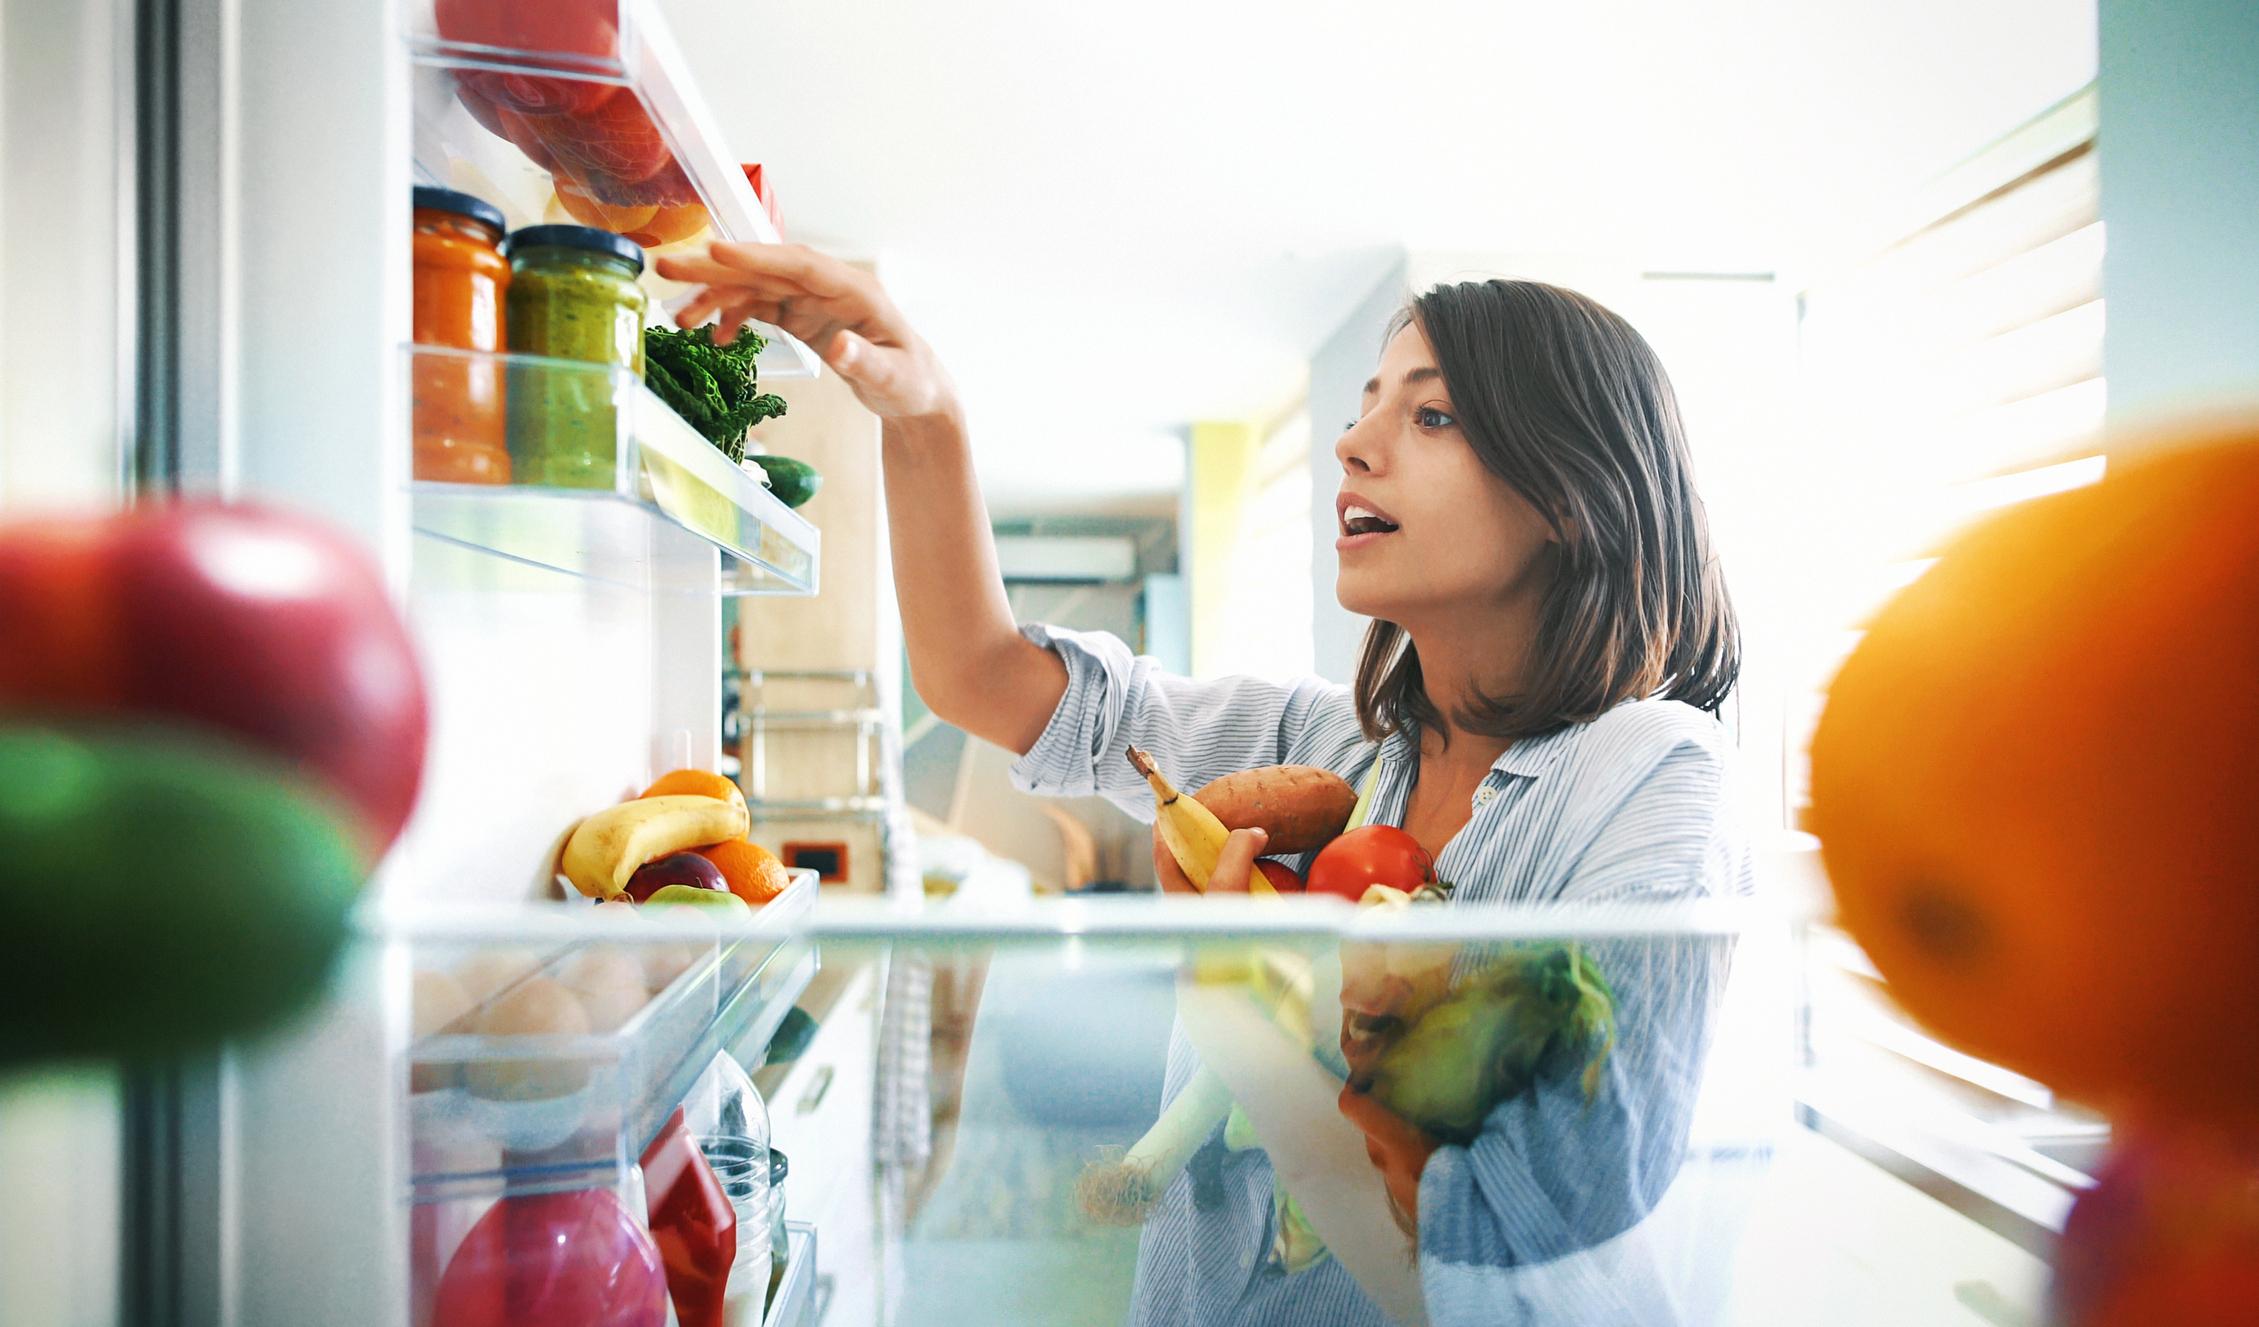 Пренаредете хладилника<br /> В зависимост от това какъв тип хладилник имате подредбата може да варира. Повечето хладилници, чийто фризер е долу, имат големи прозрачни кутии за зеленчуци. Напълнете ги с такива.<br /> Това, което виждаме най-отпред, е по-вероятно да изядем.